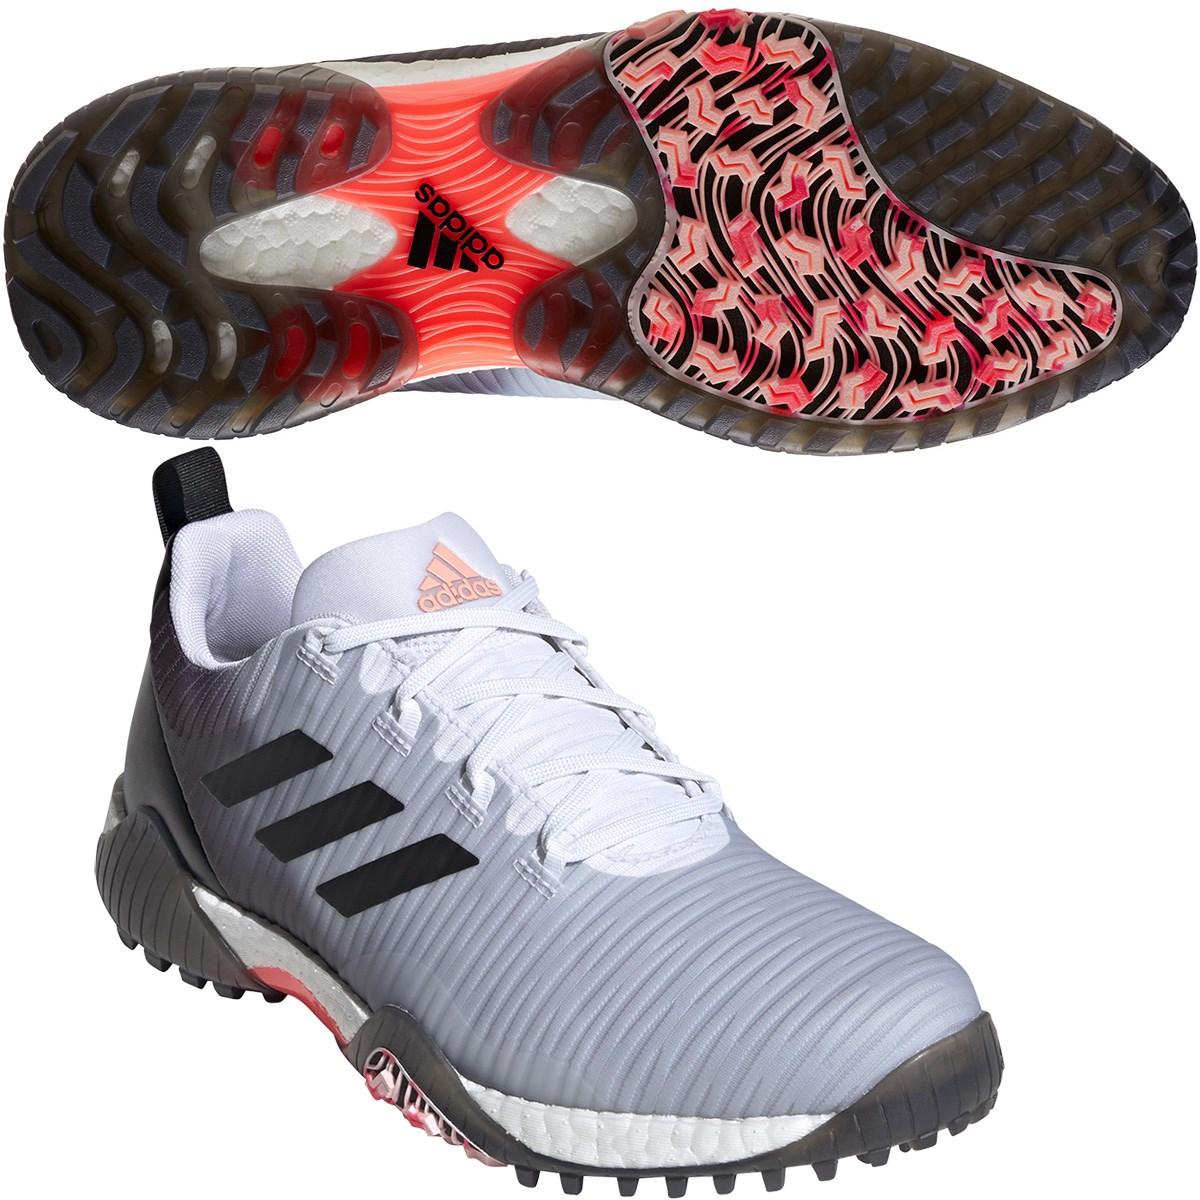 アディダス Adidas コードカオス シューズ 24.5cm ホワイト/コアブラック/ライトフラッシュオレンジ